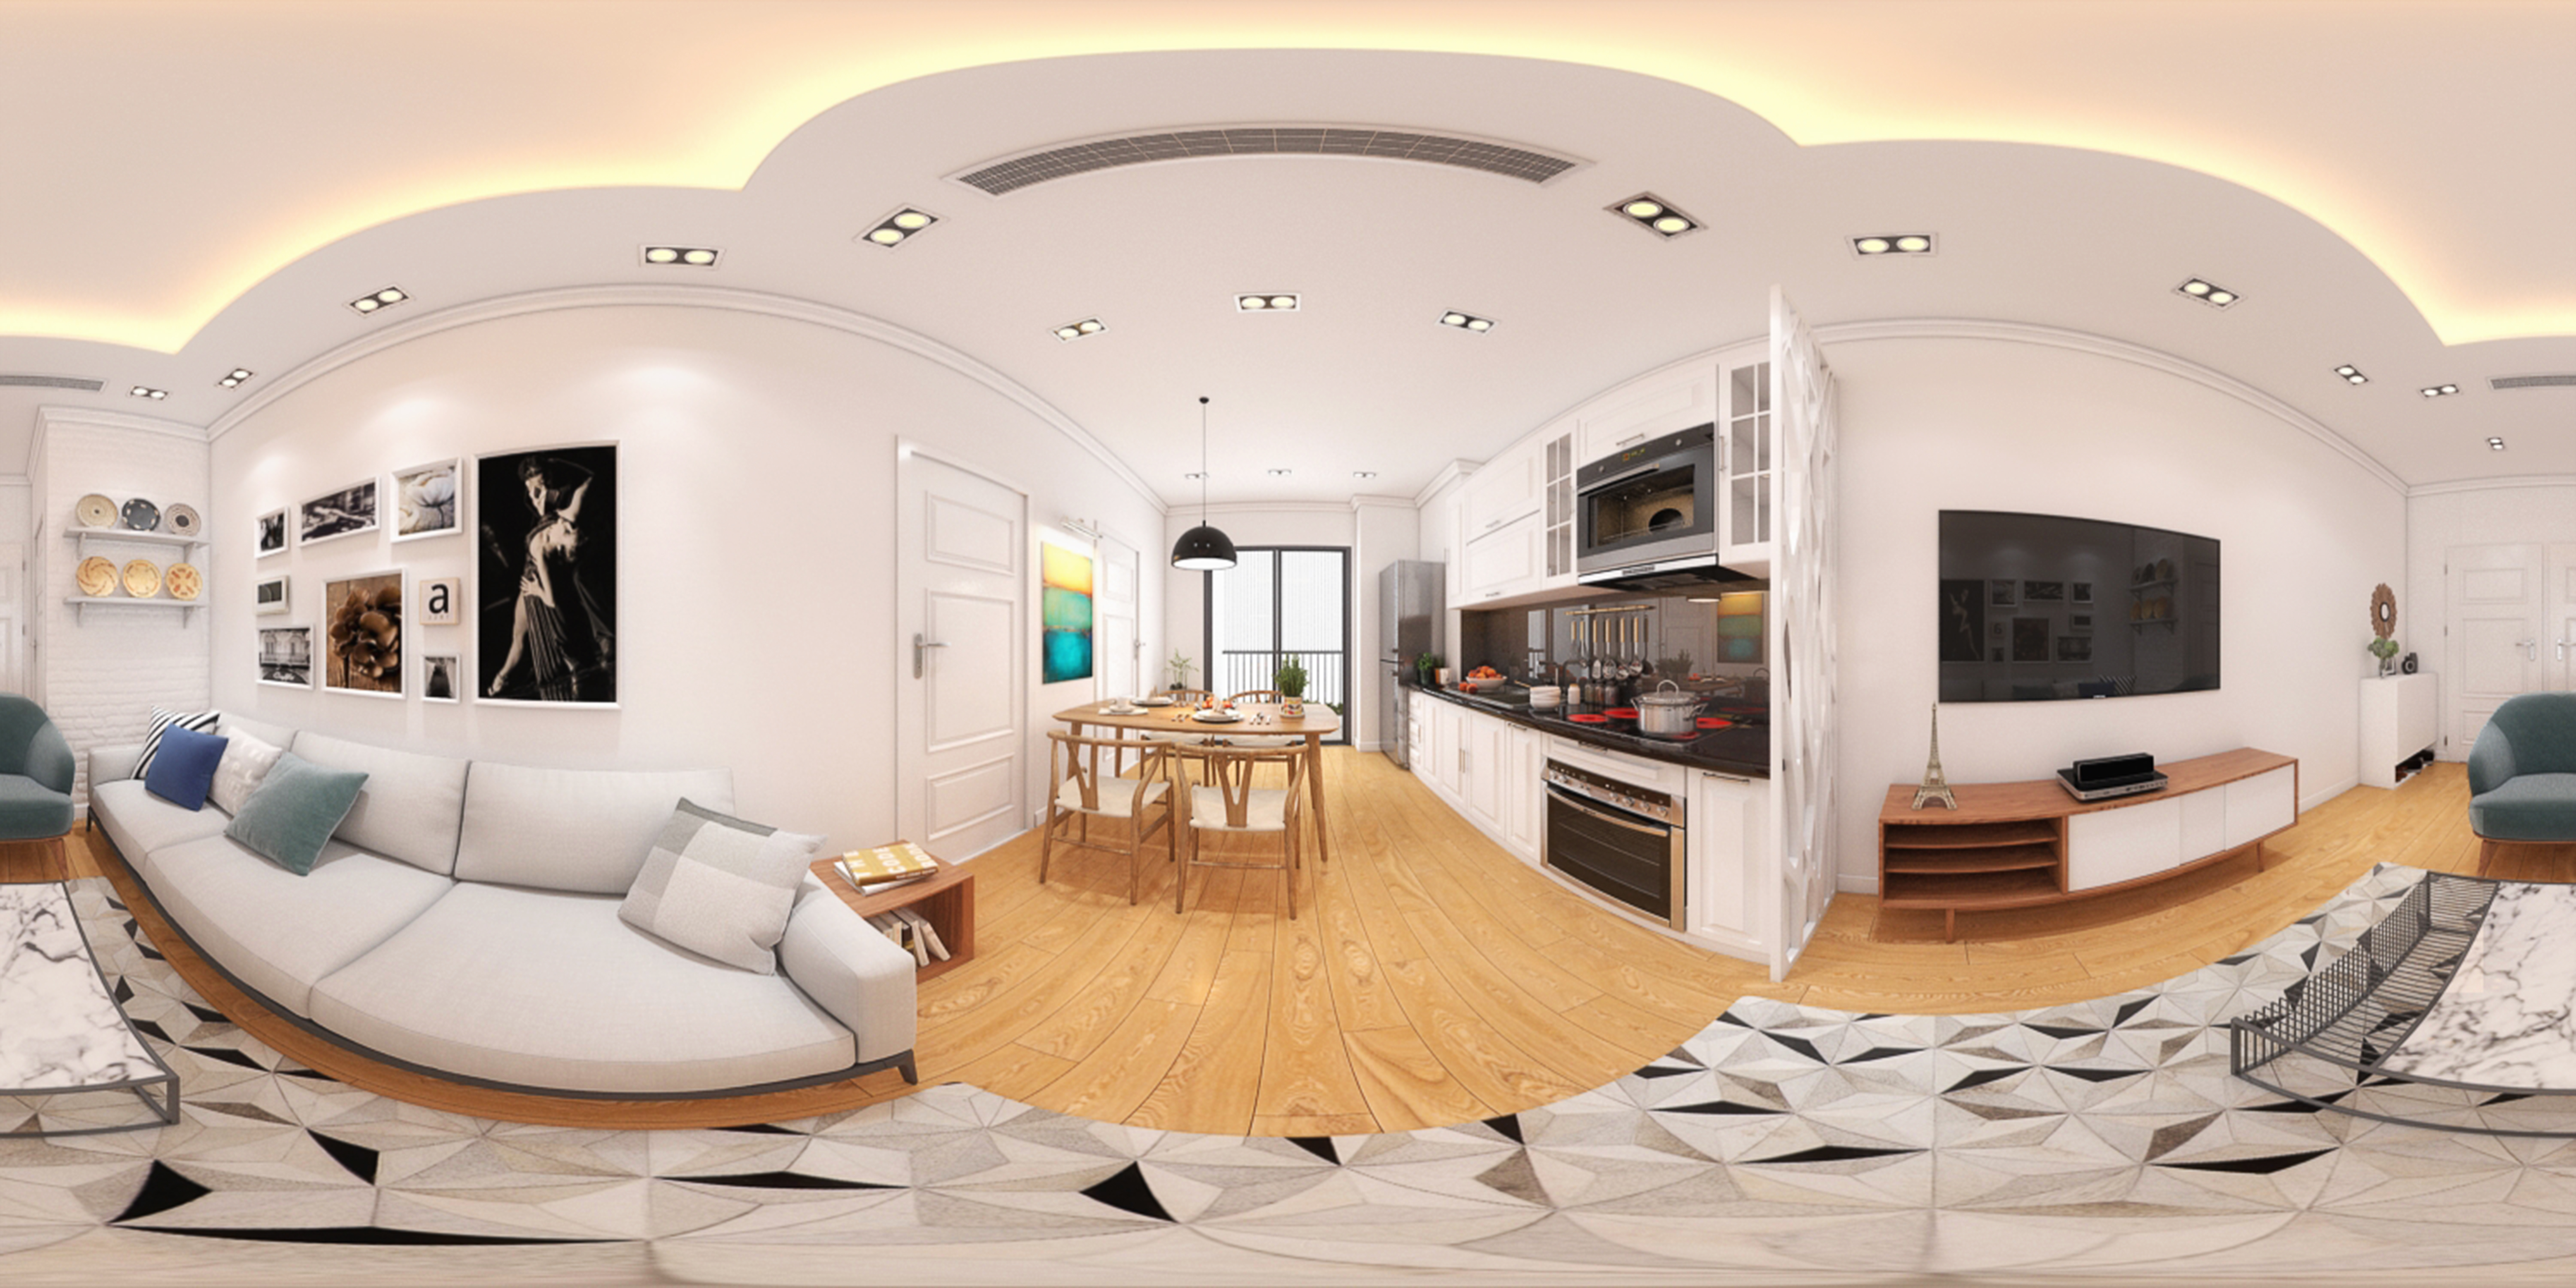 Đây là ảnh thiết kế được ren 360 độ, các bạn có thể xem phòng khách và đẹp thiết kế rất tinh tế và sang trọng